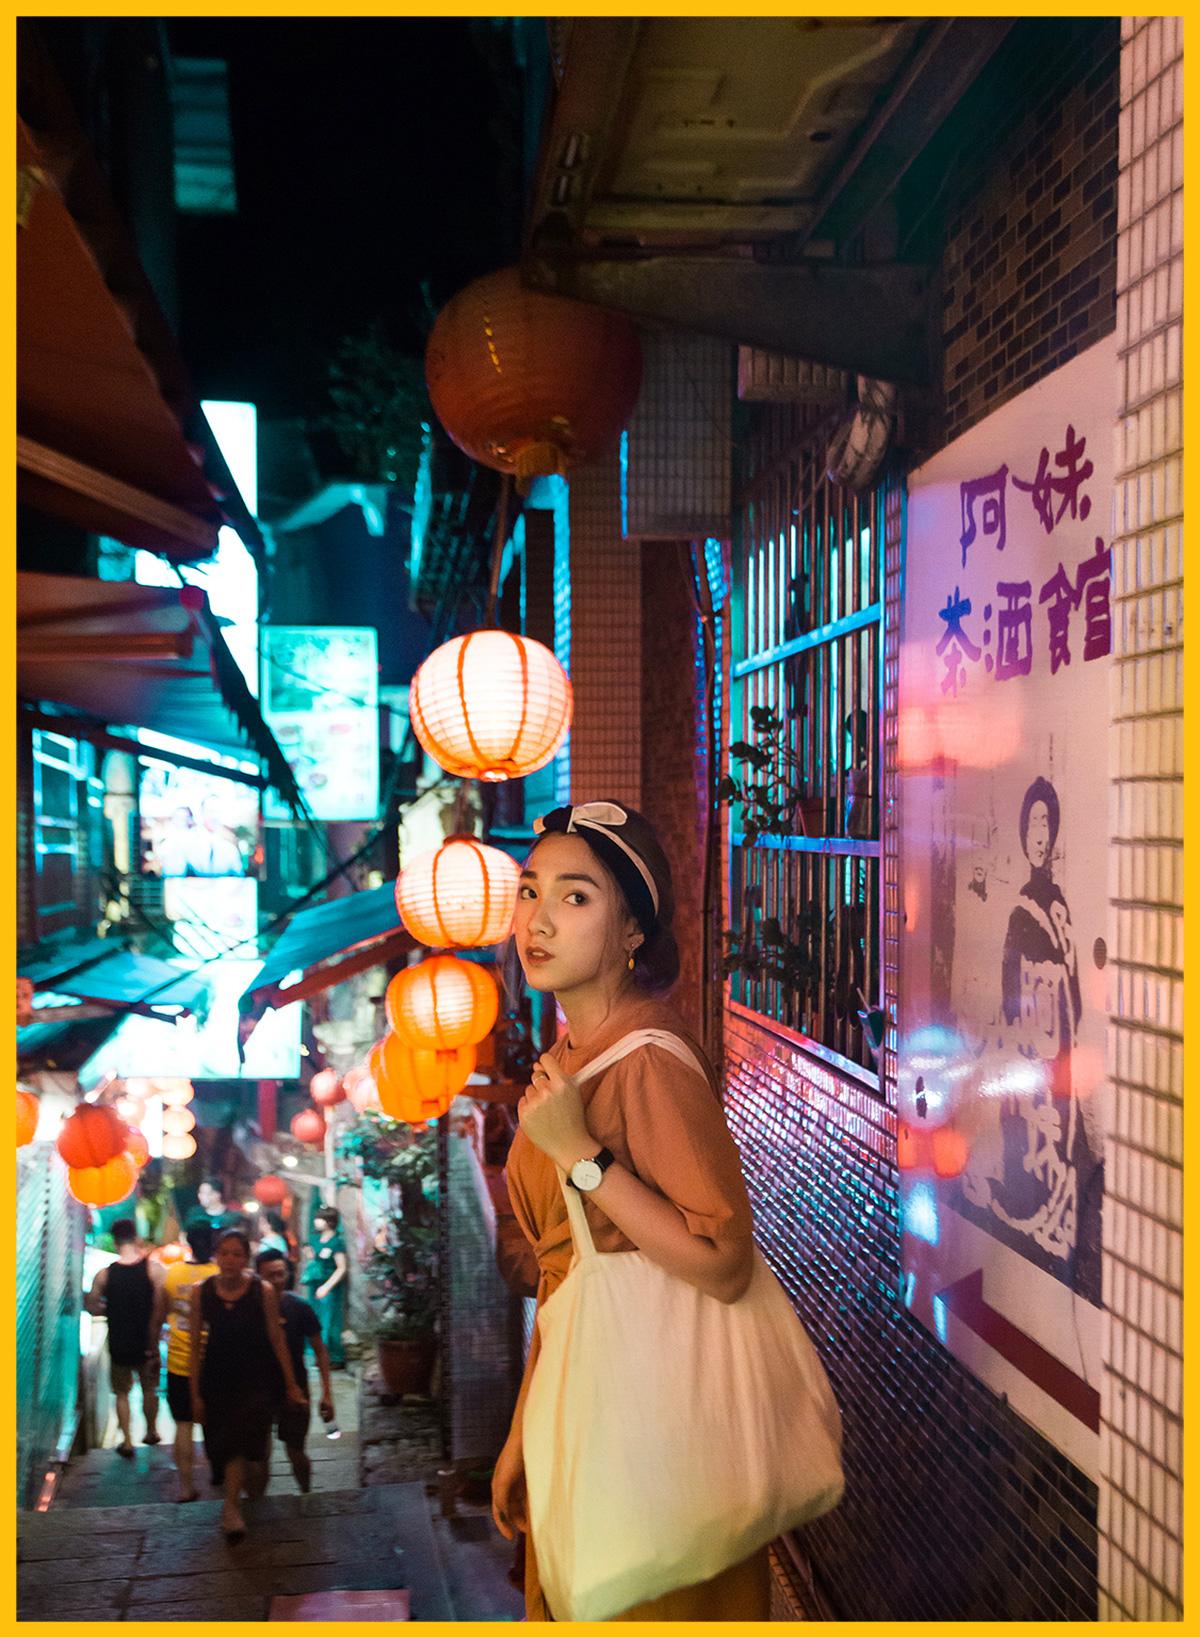 Chỉ có thể là Đài Loan, nơi cho bạn 1000 khuôn hình đẹp như những thước phim điện ảnh - Ảnh 18.